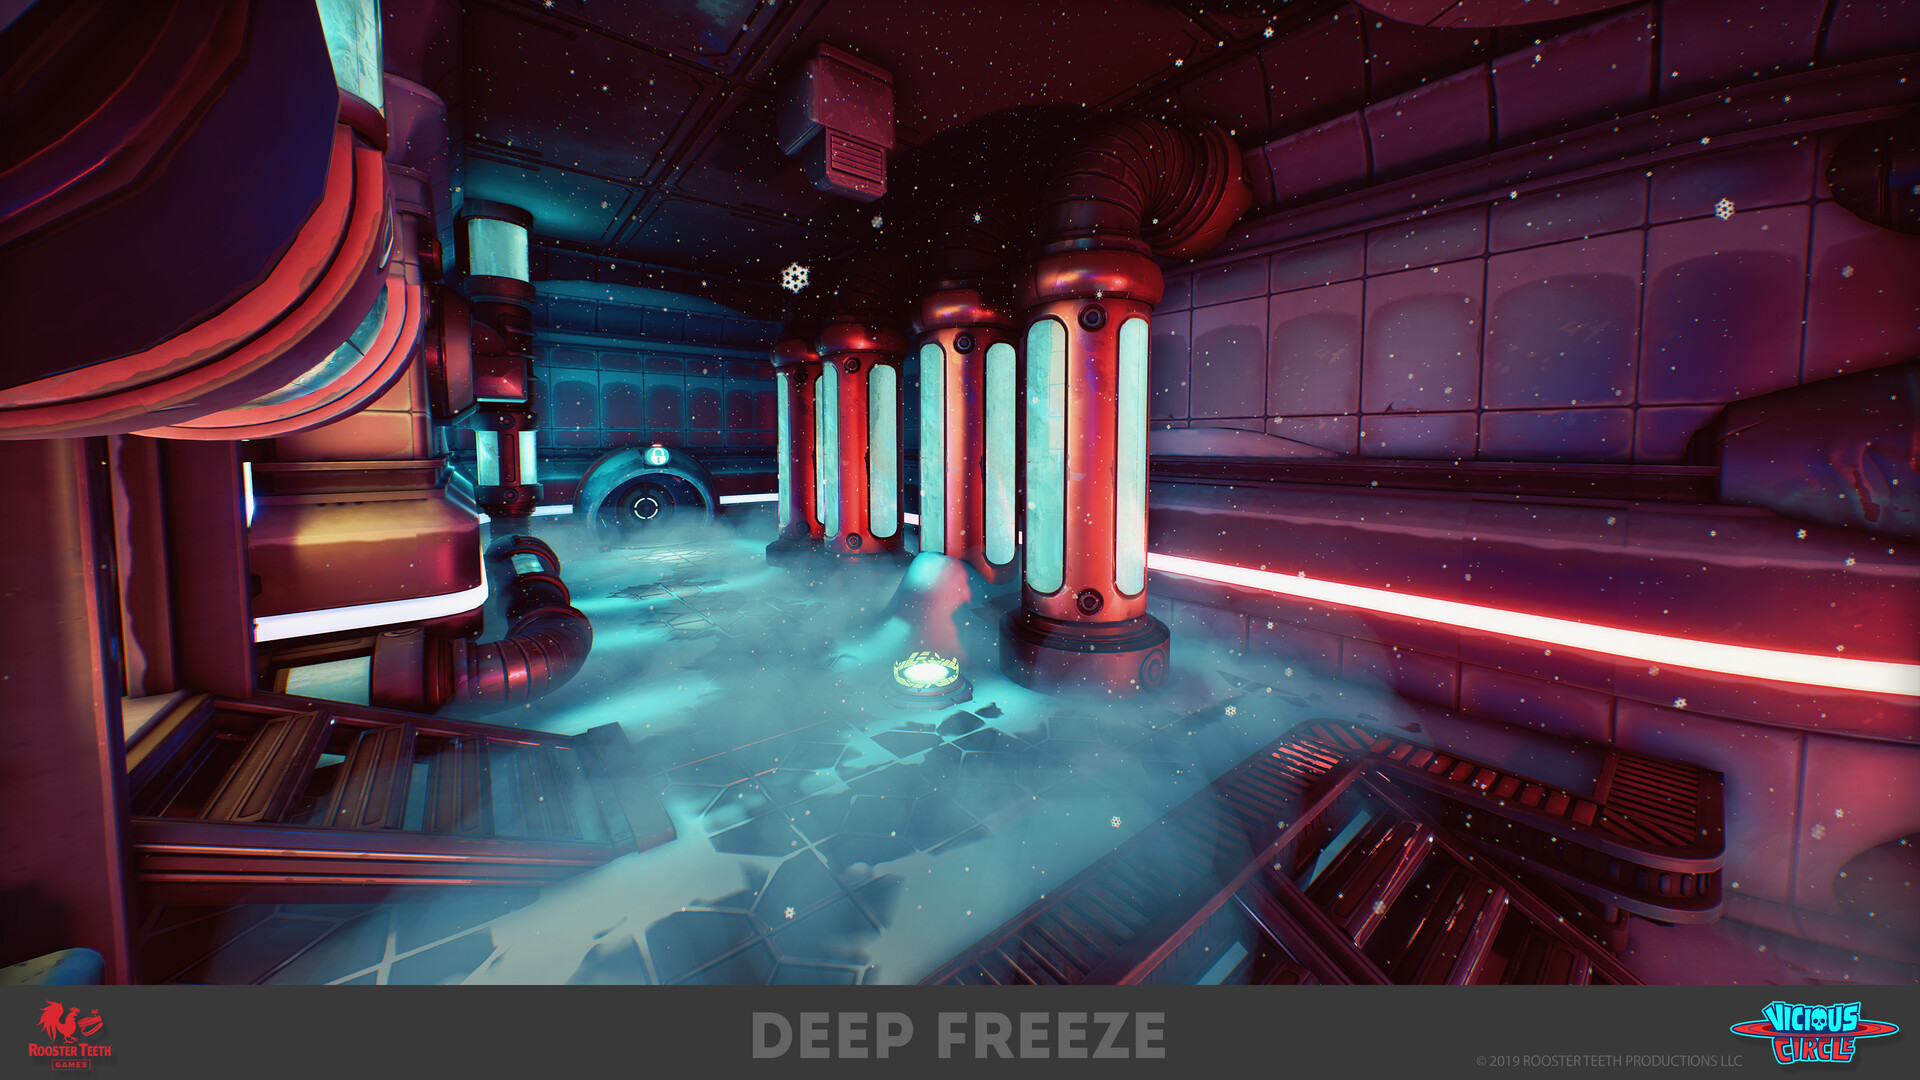 Markel milanes deep freeze renders 02